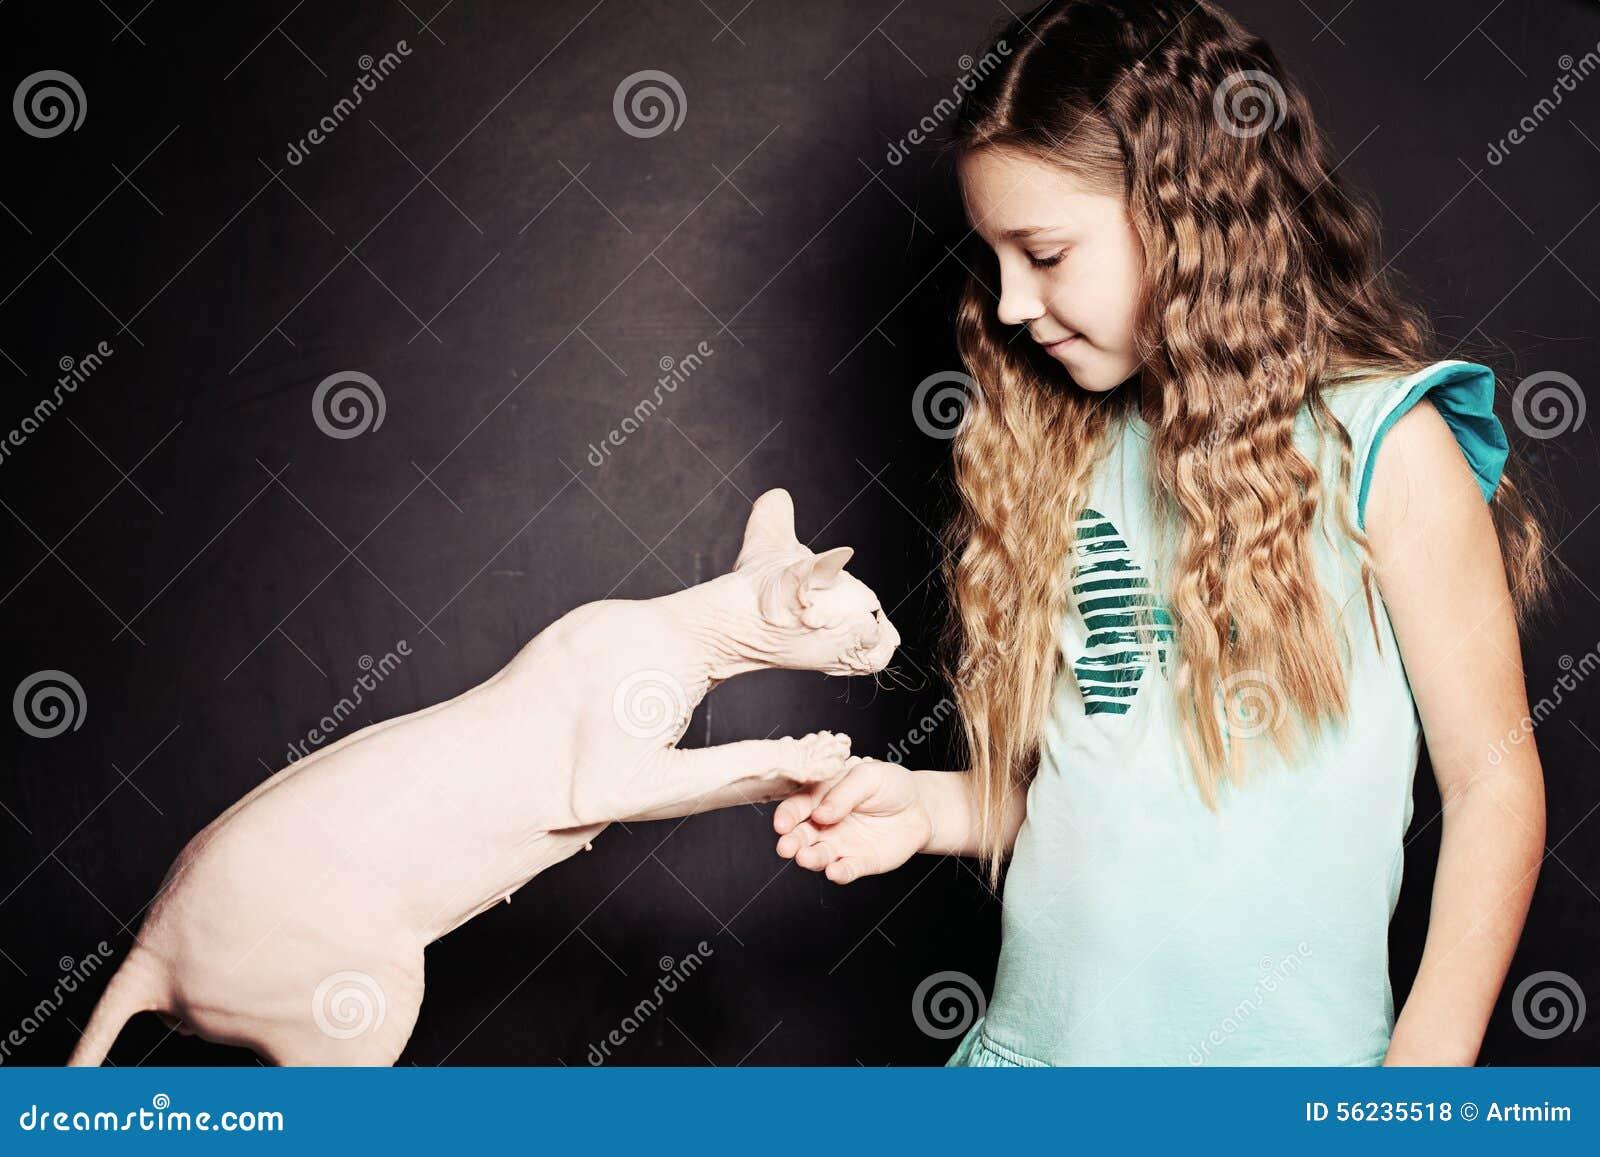 Incontri con qualcuno con allergie gatto